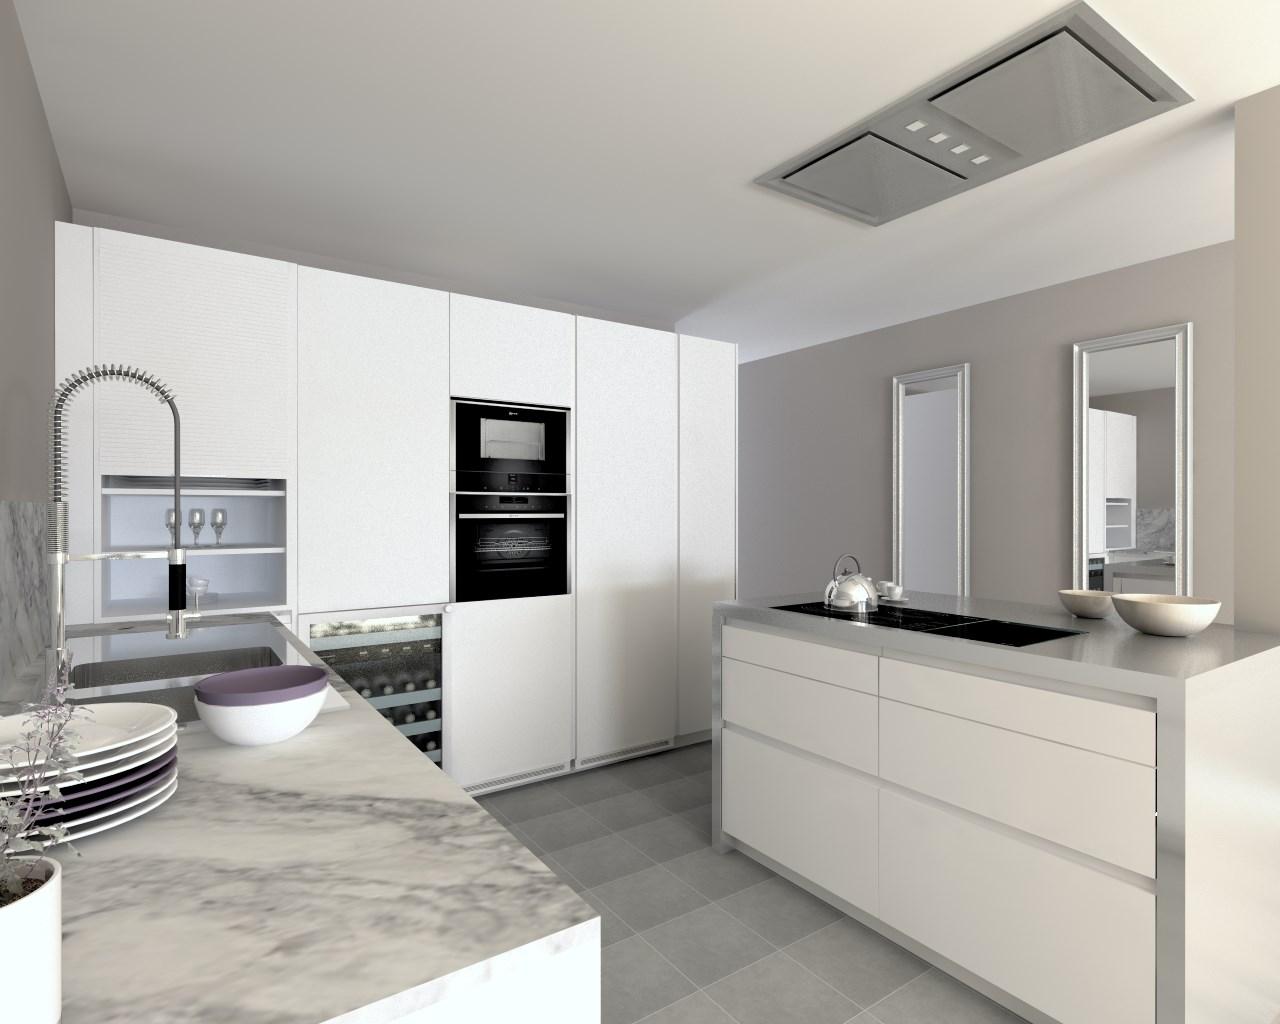 Cocina santos modelo line estratificado blanco encimera for Cocinas de granito blanco